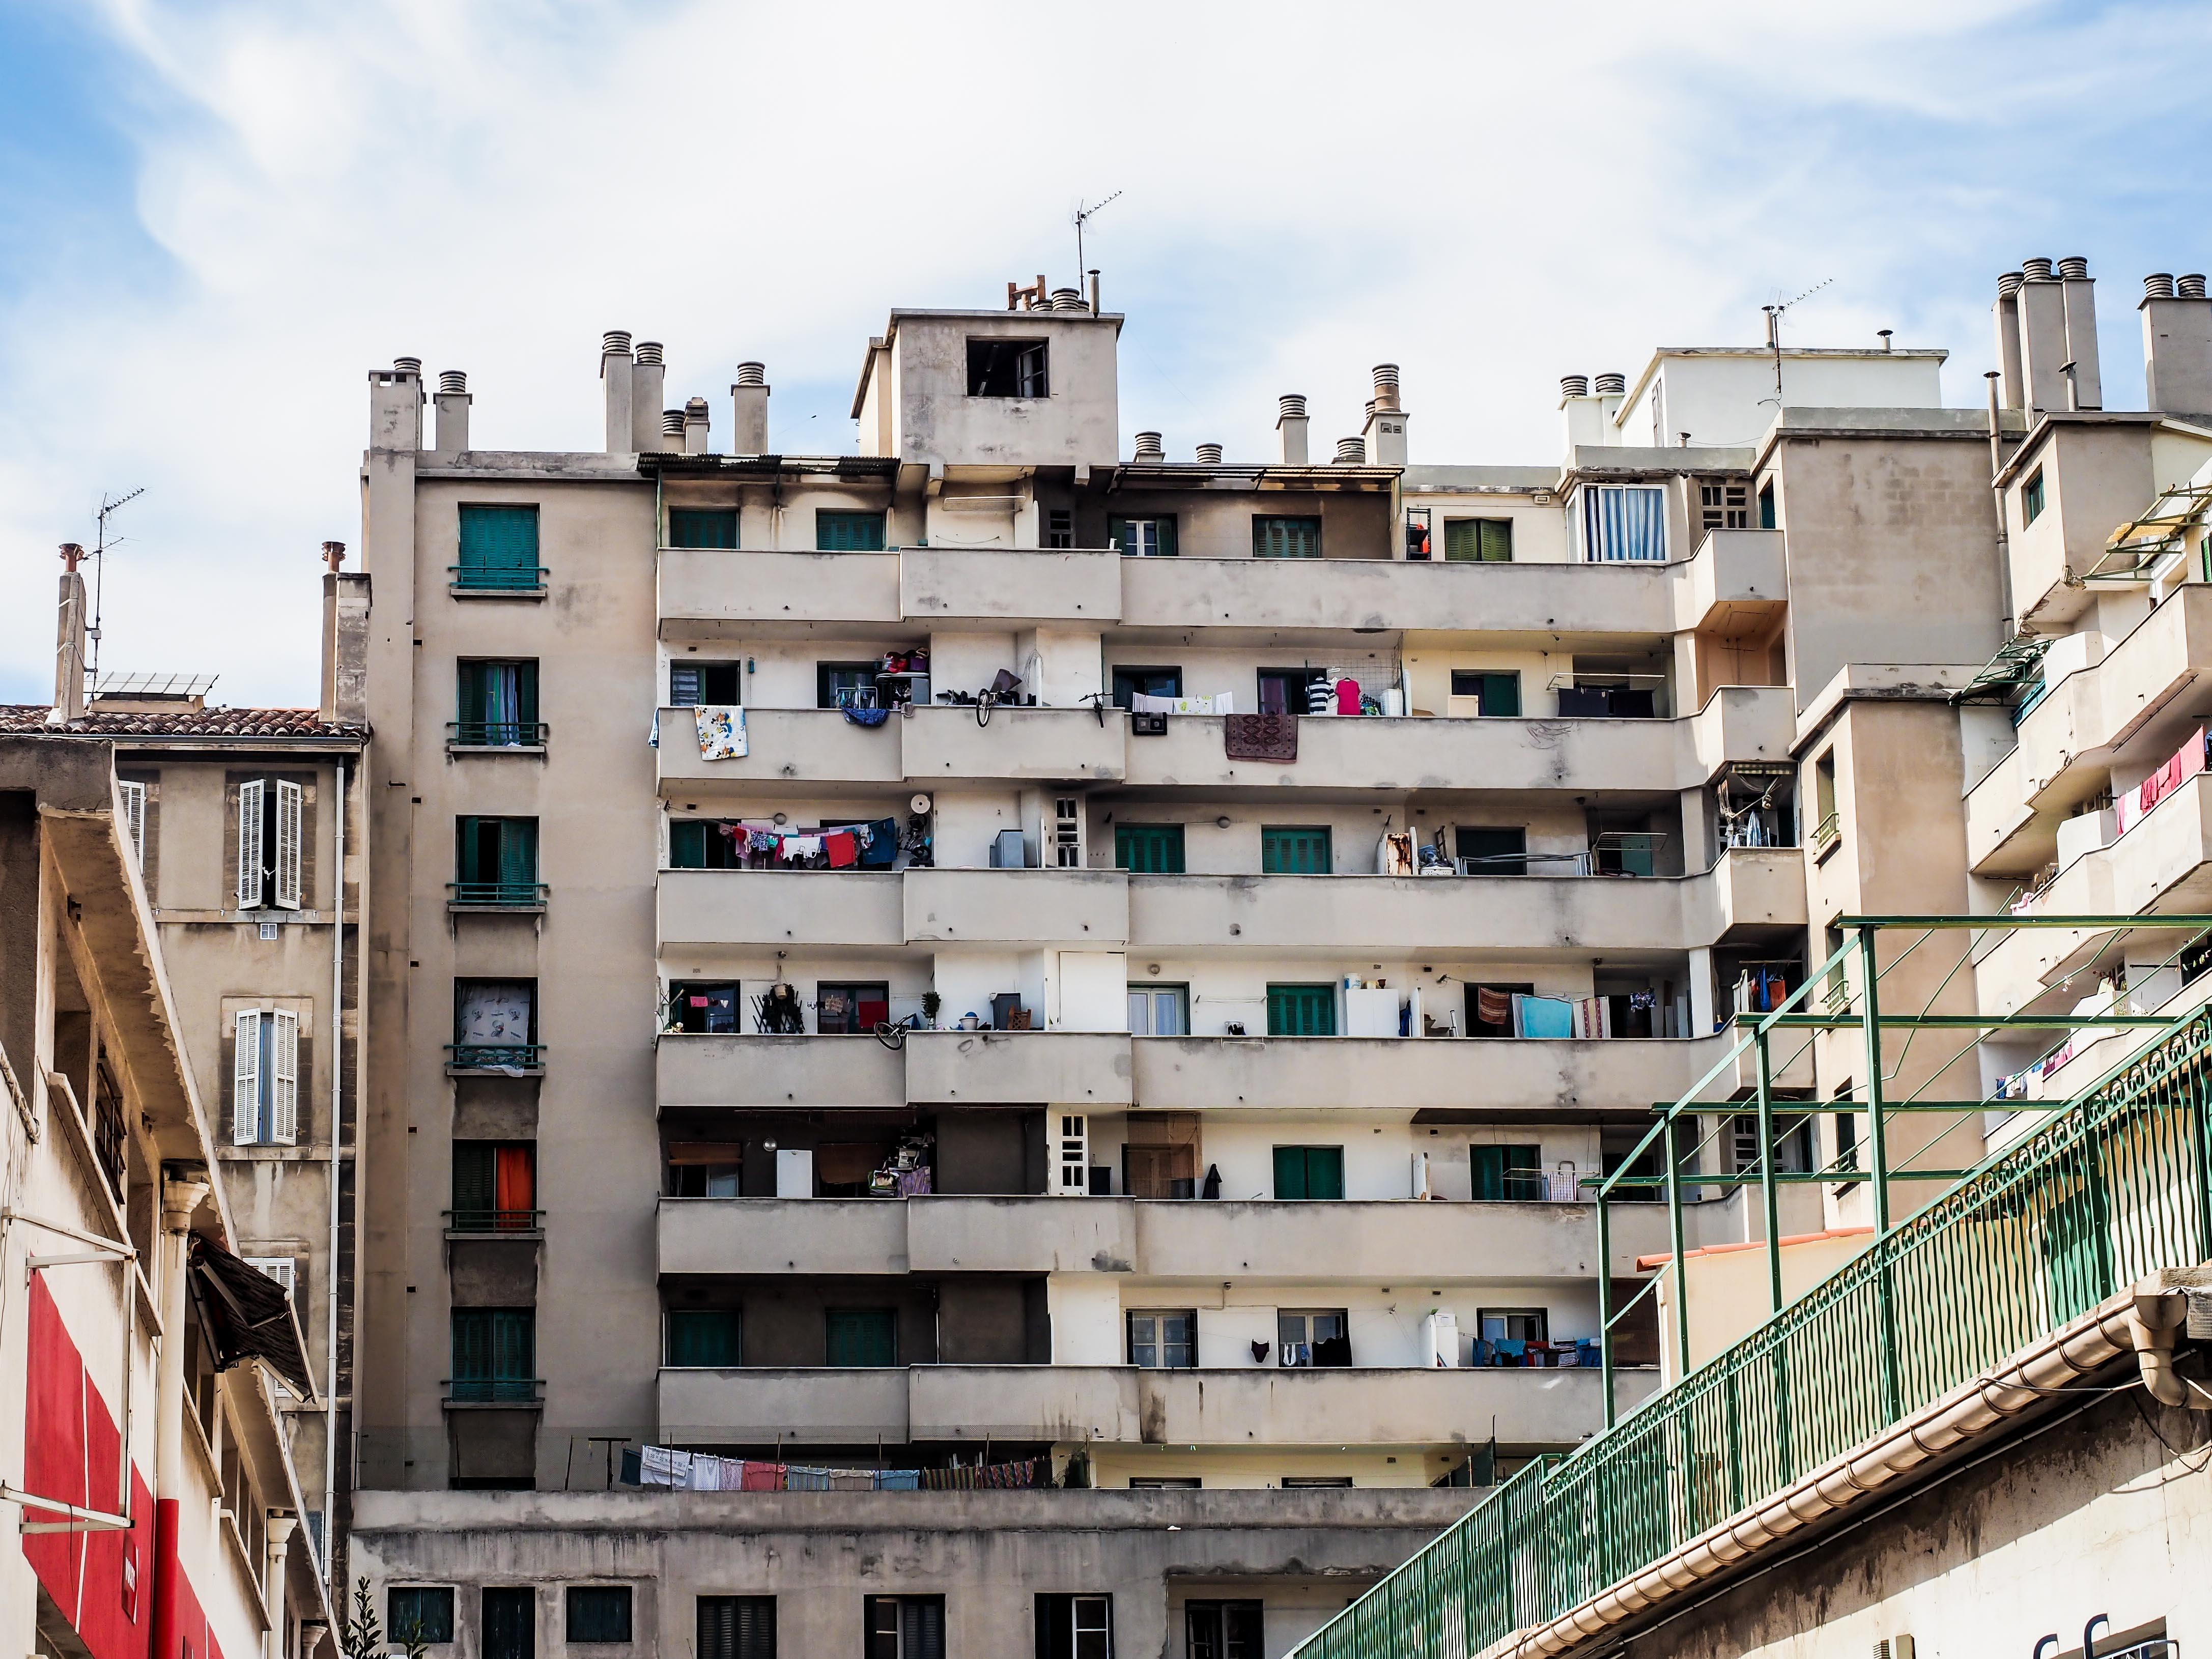 Urban_Architektur-75